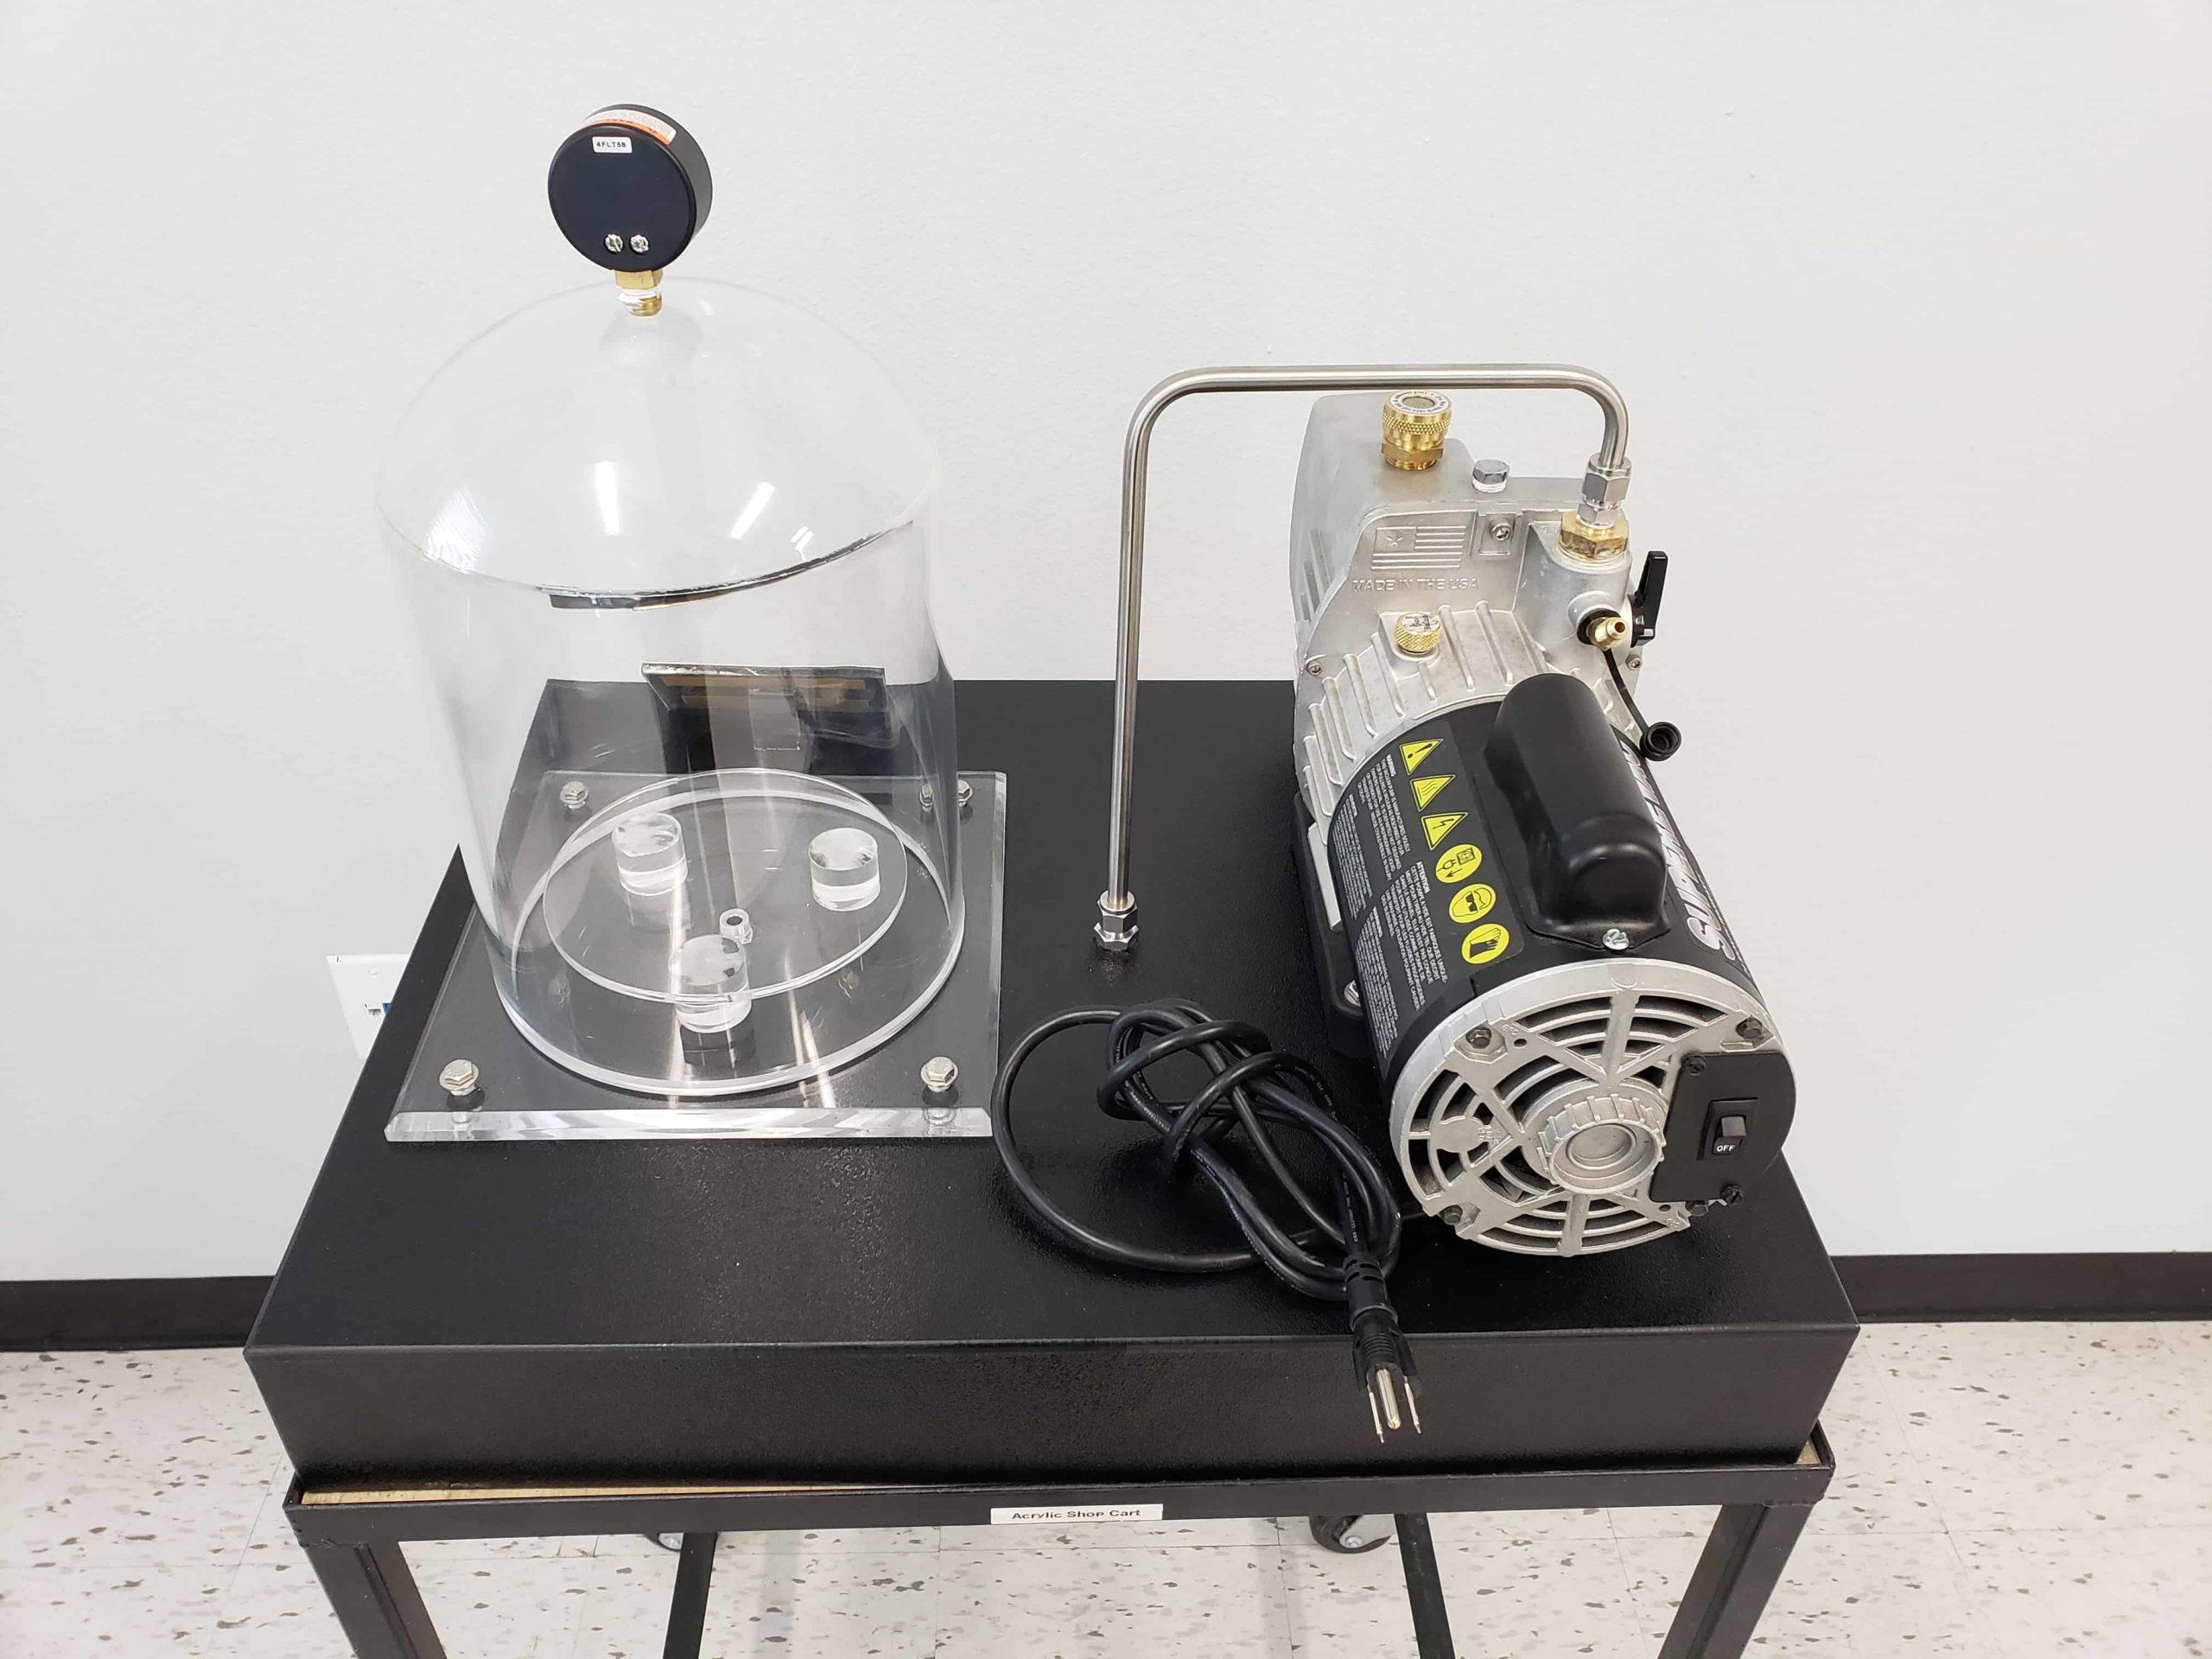 Bayport Technical | Vacuum Working Demonstrator - Acrylic